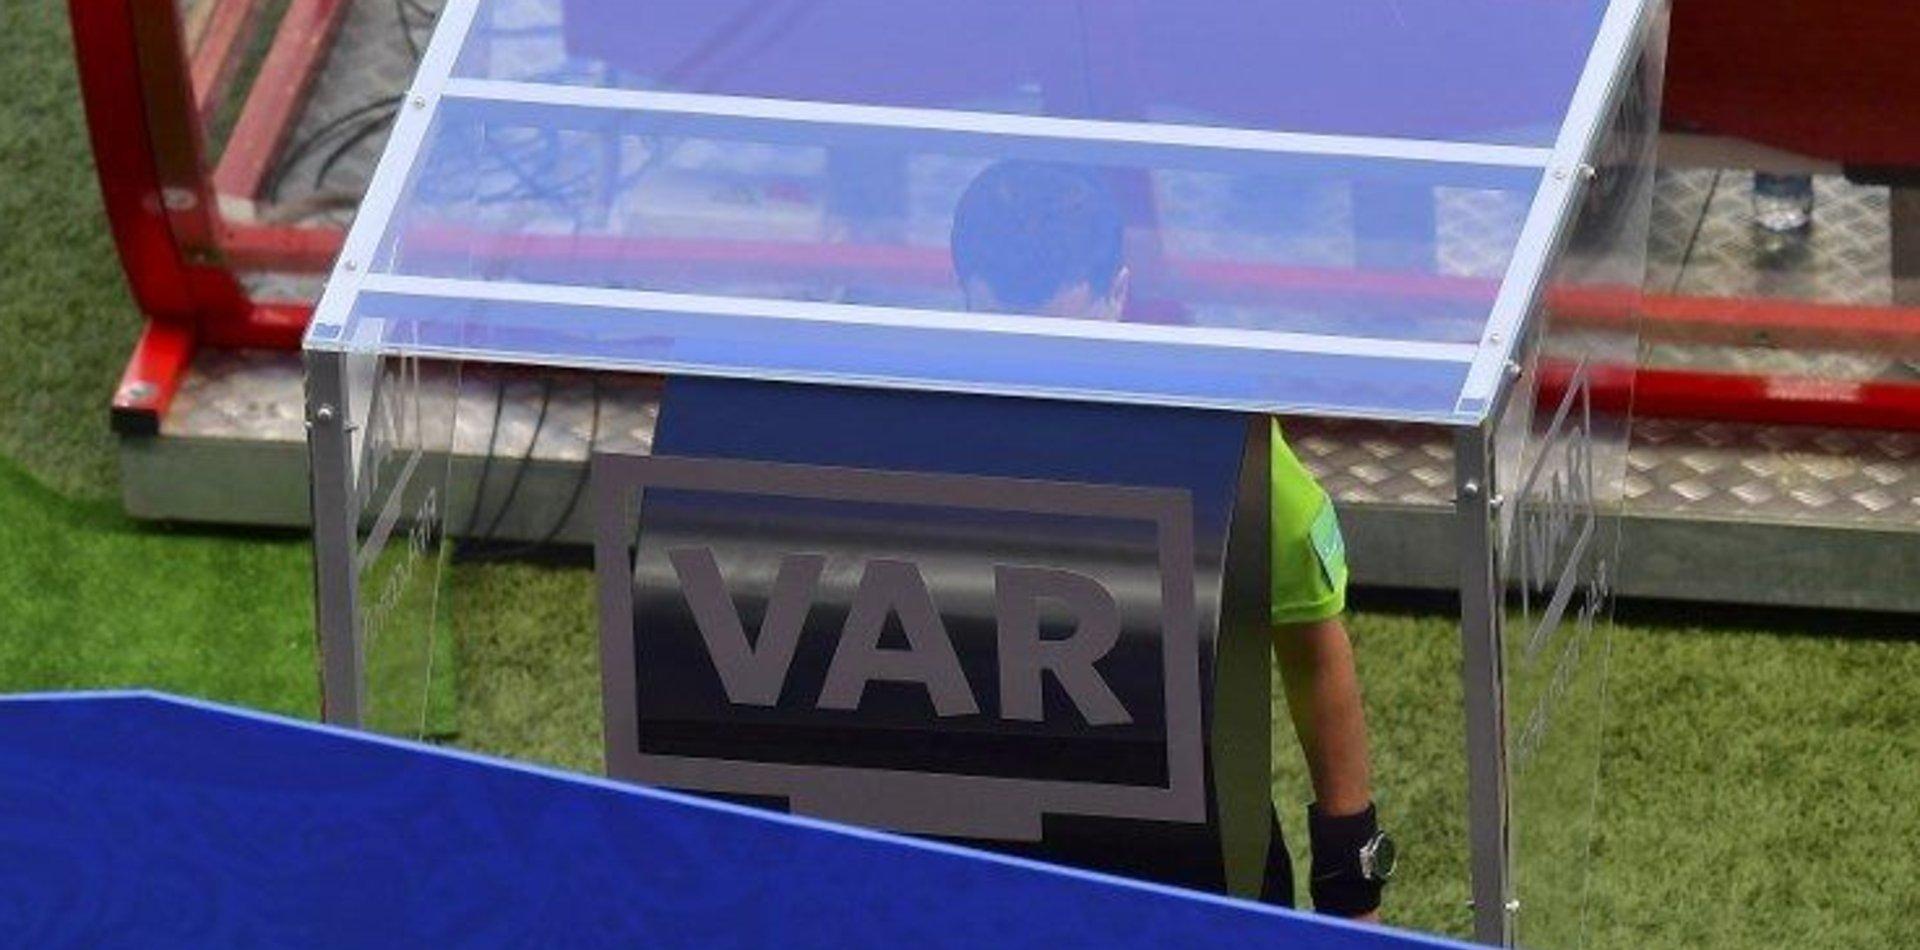 Prueban el VAR en el fútbol argentino para estrenarlo oficialmente a principios de 2021